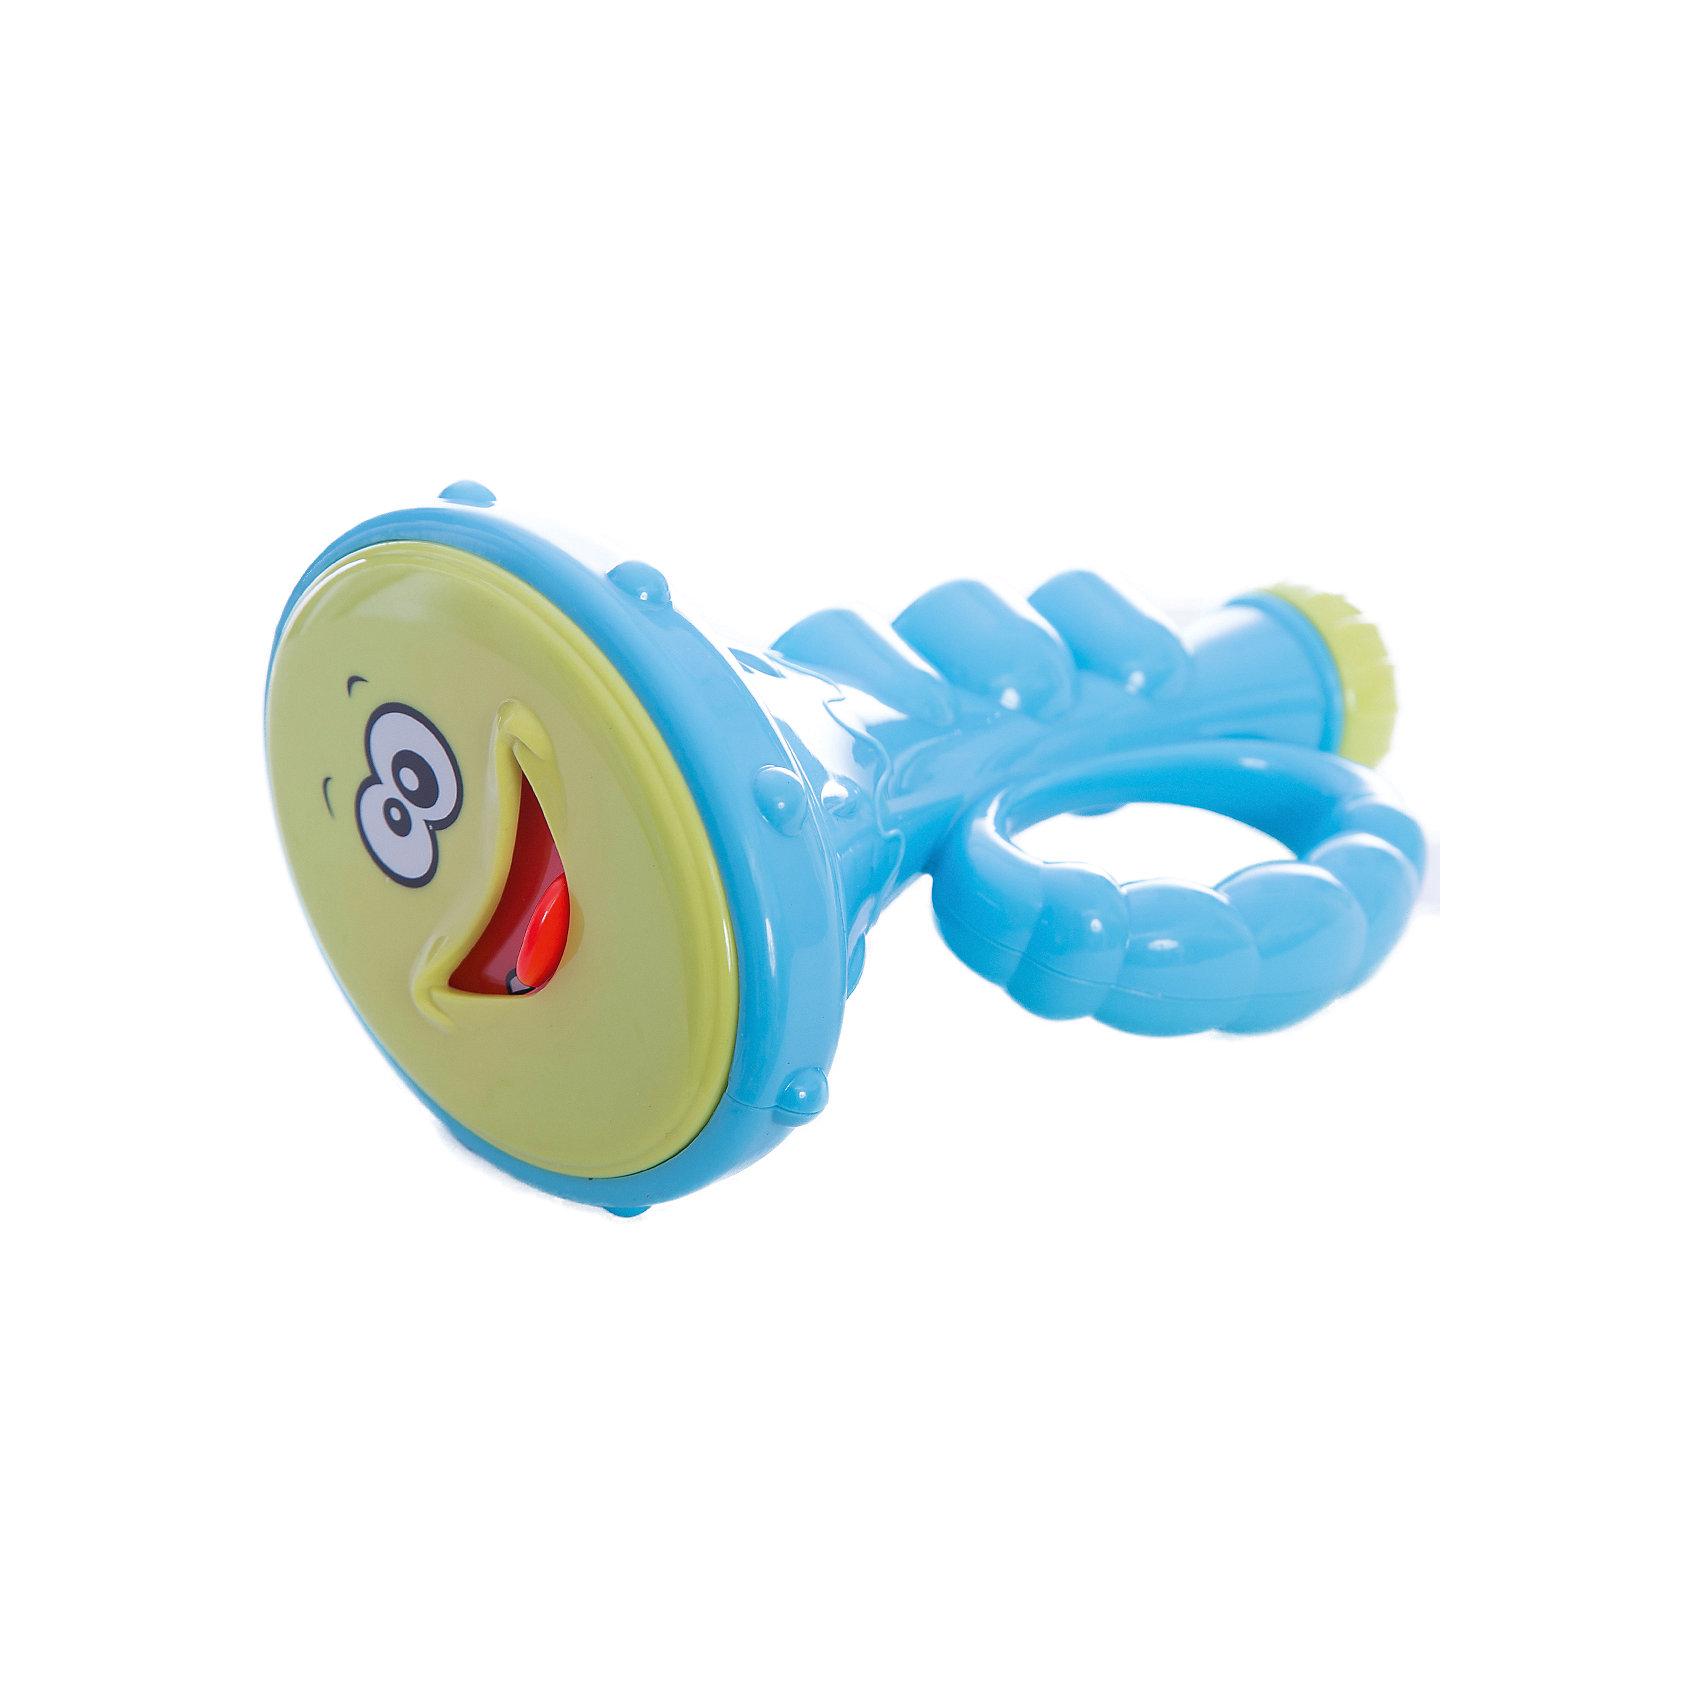 Электронная дудочка, со светом, Поющий оркестр, 1toyМузыкальные инструменты и игрушки<br>Электронная дудочка из серии Поющий оркестр - забавная игрушка, которая позволит ребенку не только создавать музыку самому, но и прослушивать чудесные мелодии, нажимая на язычок дудочки. Игрушка с удобной ручкой и веселыми кнопками, которые светятся при нажатии. Игрушка развивает мелкую моторику, чувство ритма и мелодии. С этой дудочкой ребенок откроет для себя прекрасный мир музыки!<br><br>Дополнительная информация:<br>Батарейки: AAA / LR0.3 1.5V - 2 штуки( в комплект не входят)<br>Размер: 16,5х9,5х25,5 см<br>Вес: 296 грамм<br>Электронную дудочку можно купить в нашем интернет-магазине.<br><br>Ширина мм: 255<br>Глубина мм: 95<br>Высота мм: 165<br>Вес г: 296<br>Возраст от месяцев: 12<br>Возраст до месяцев: 60<br>Пол: Унисекс<br>Возраст: Детский<br>SKU: 4953668